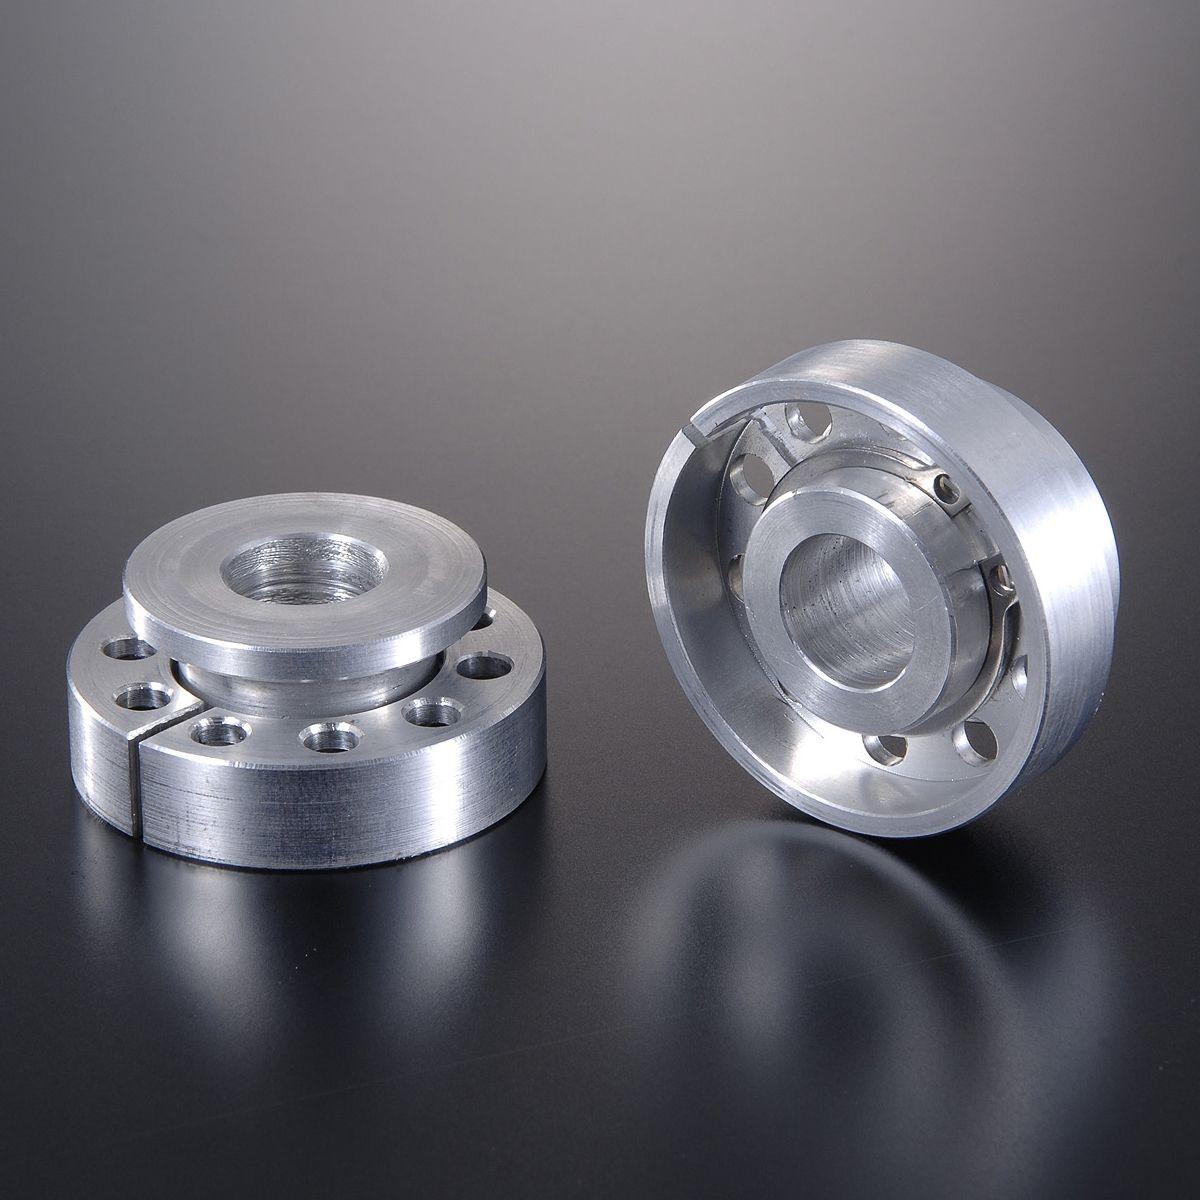 【G-Craft】NSR輪框用 輪軸襯套 (耐久型式 後輪框 6輻輪框用) - 「Webike-摩托百貨」